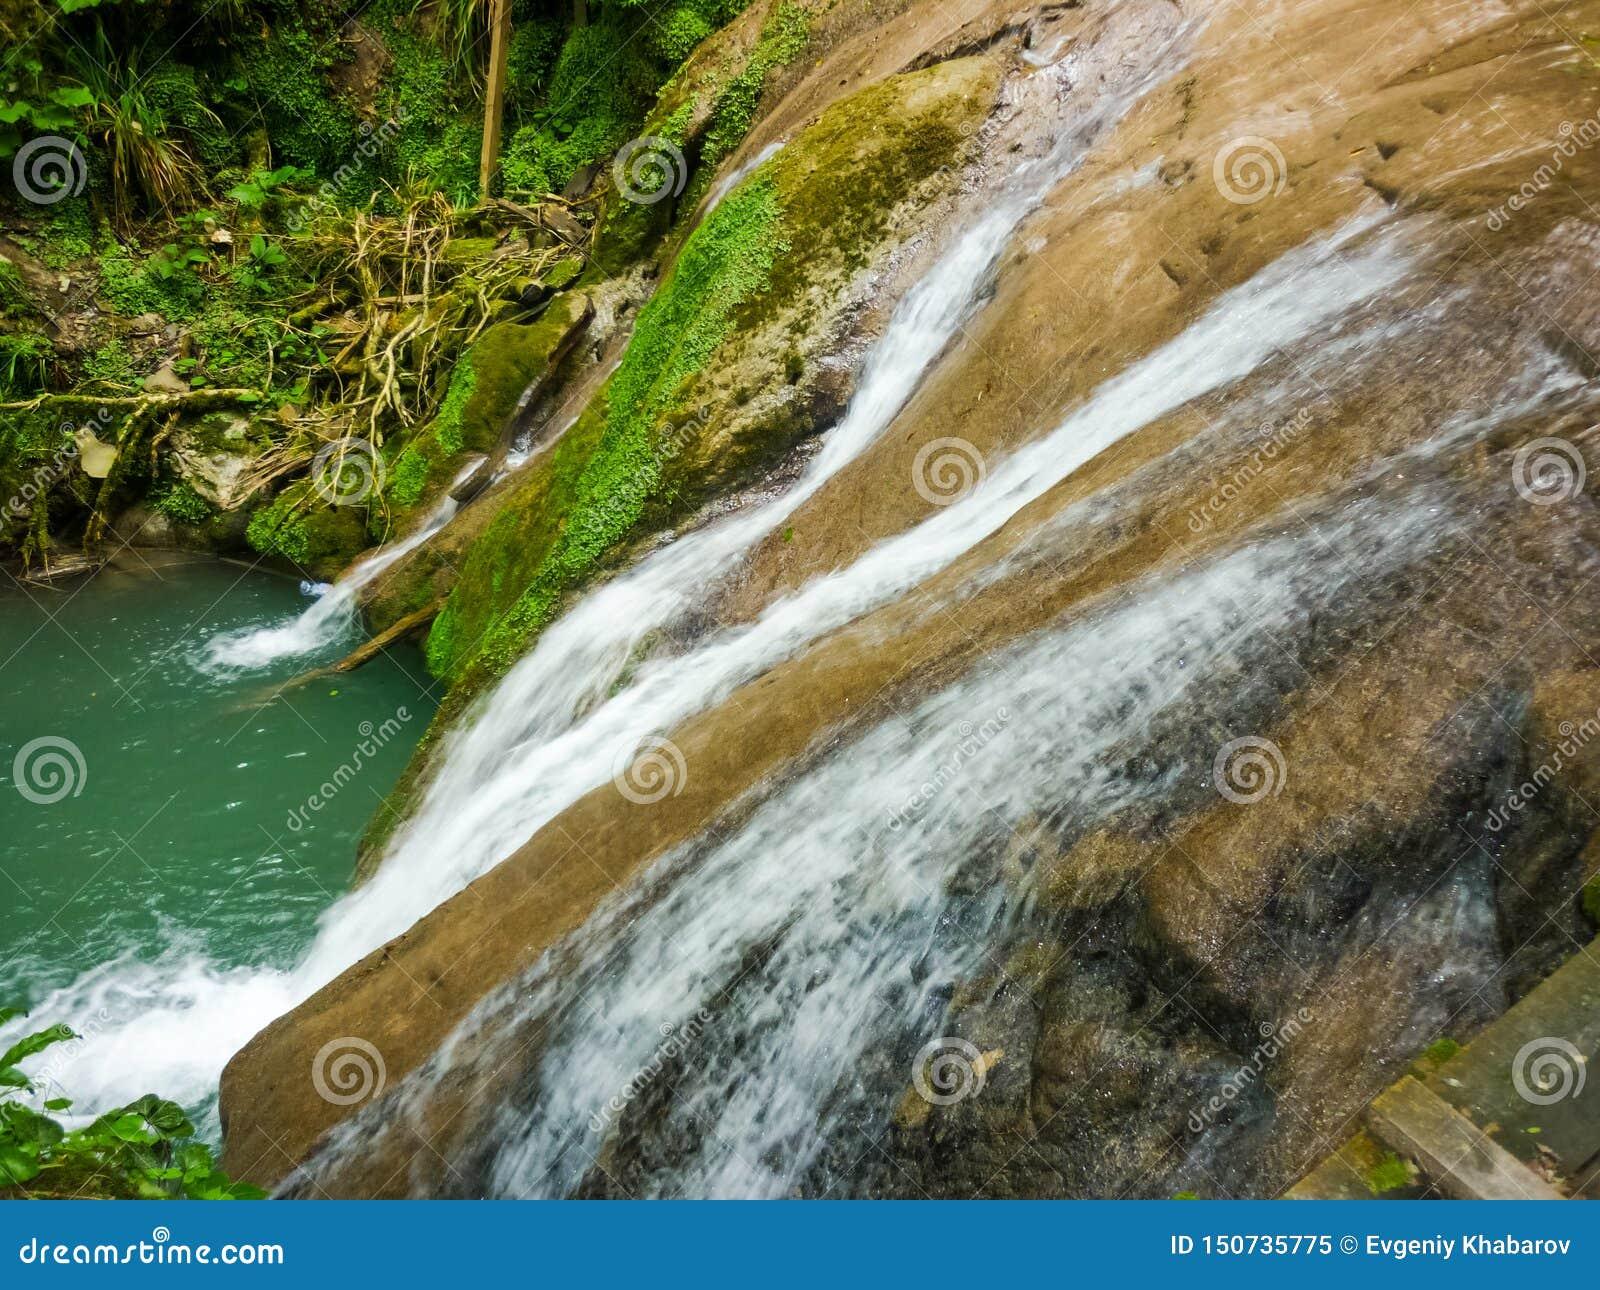 Ancora bello, anche con flusso riduttore nella caduta in anticipo, si rovescia da parte a parte e precipita a cascata sopra una s